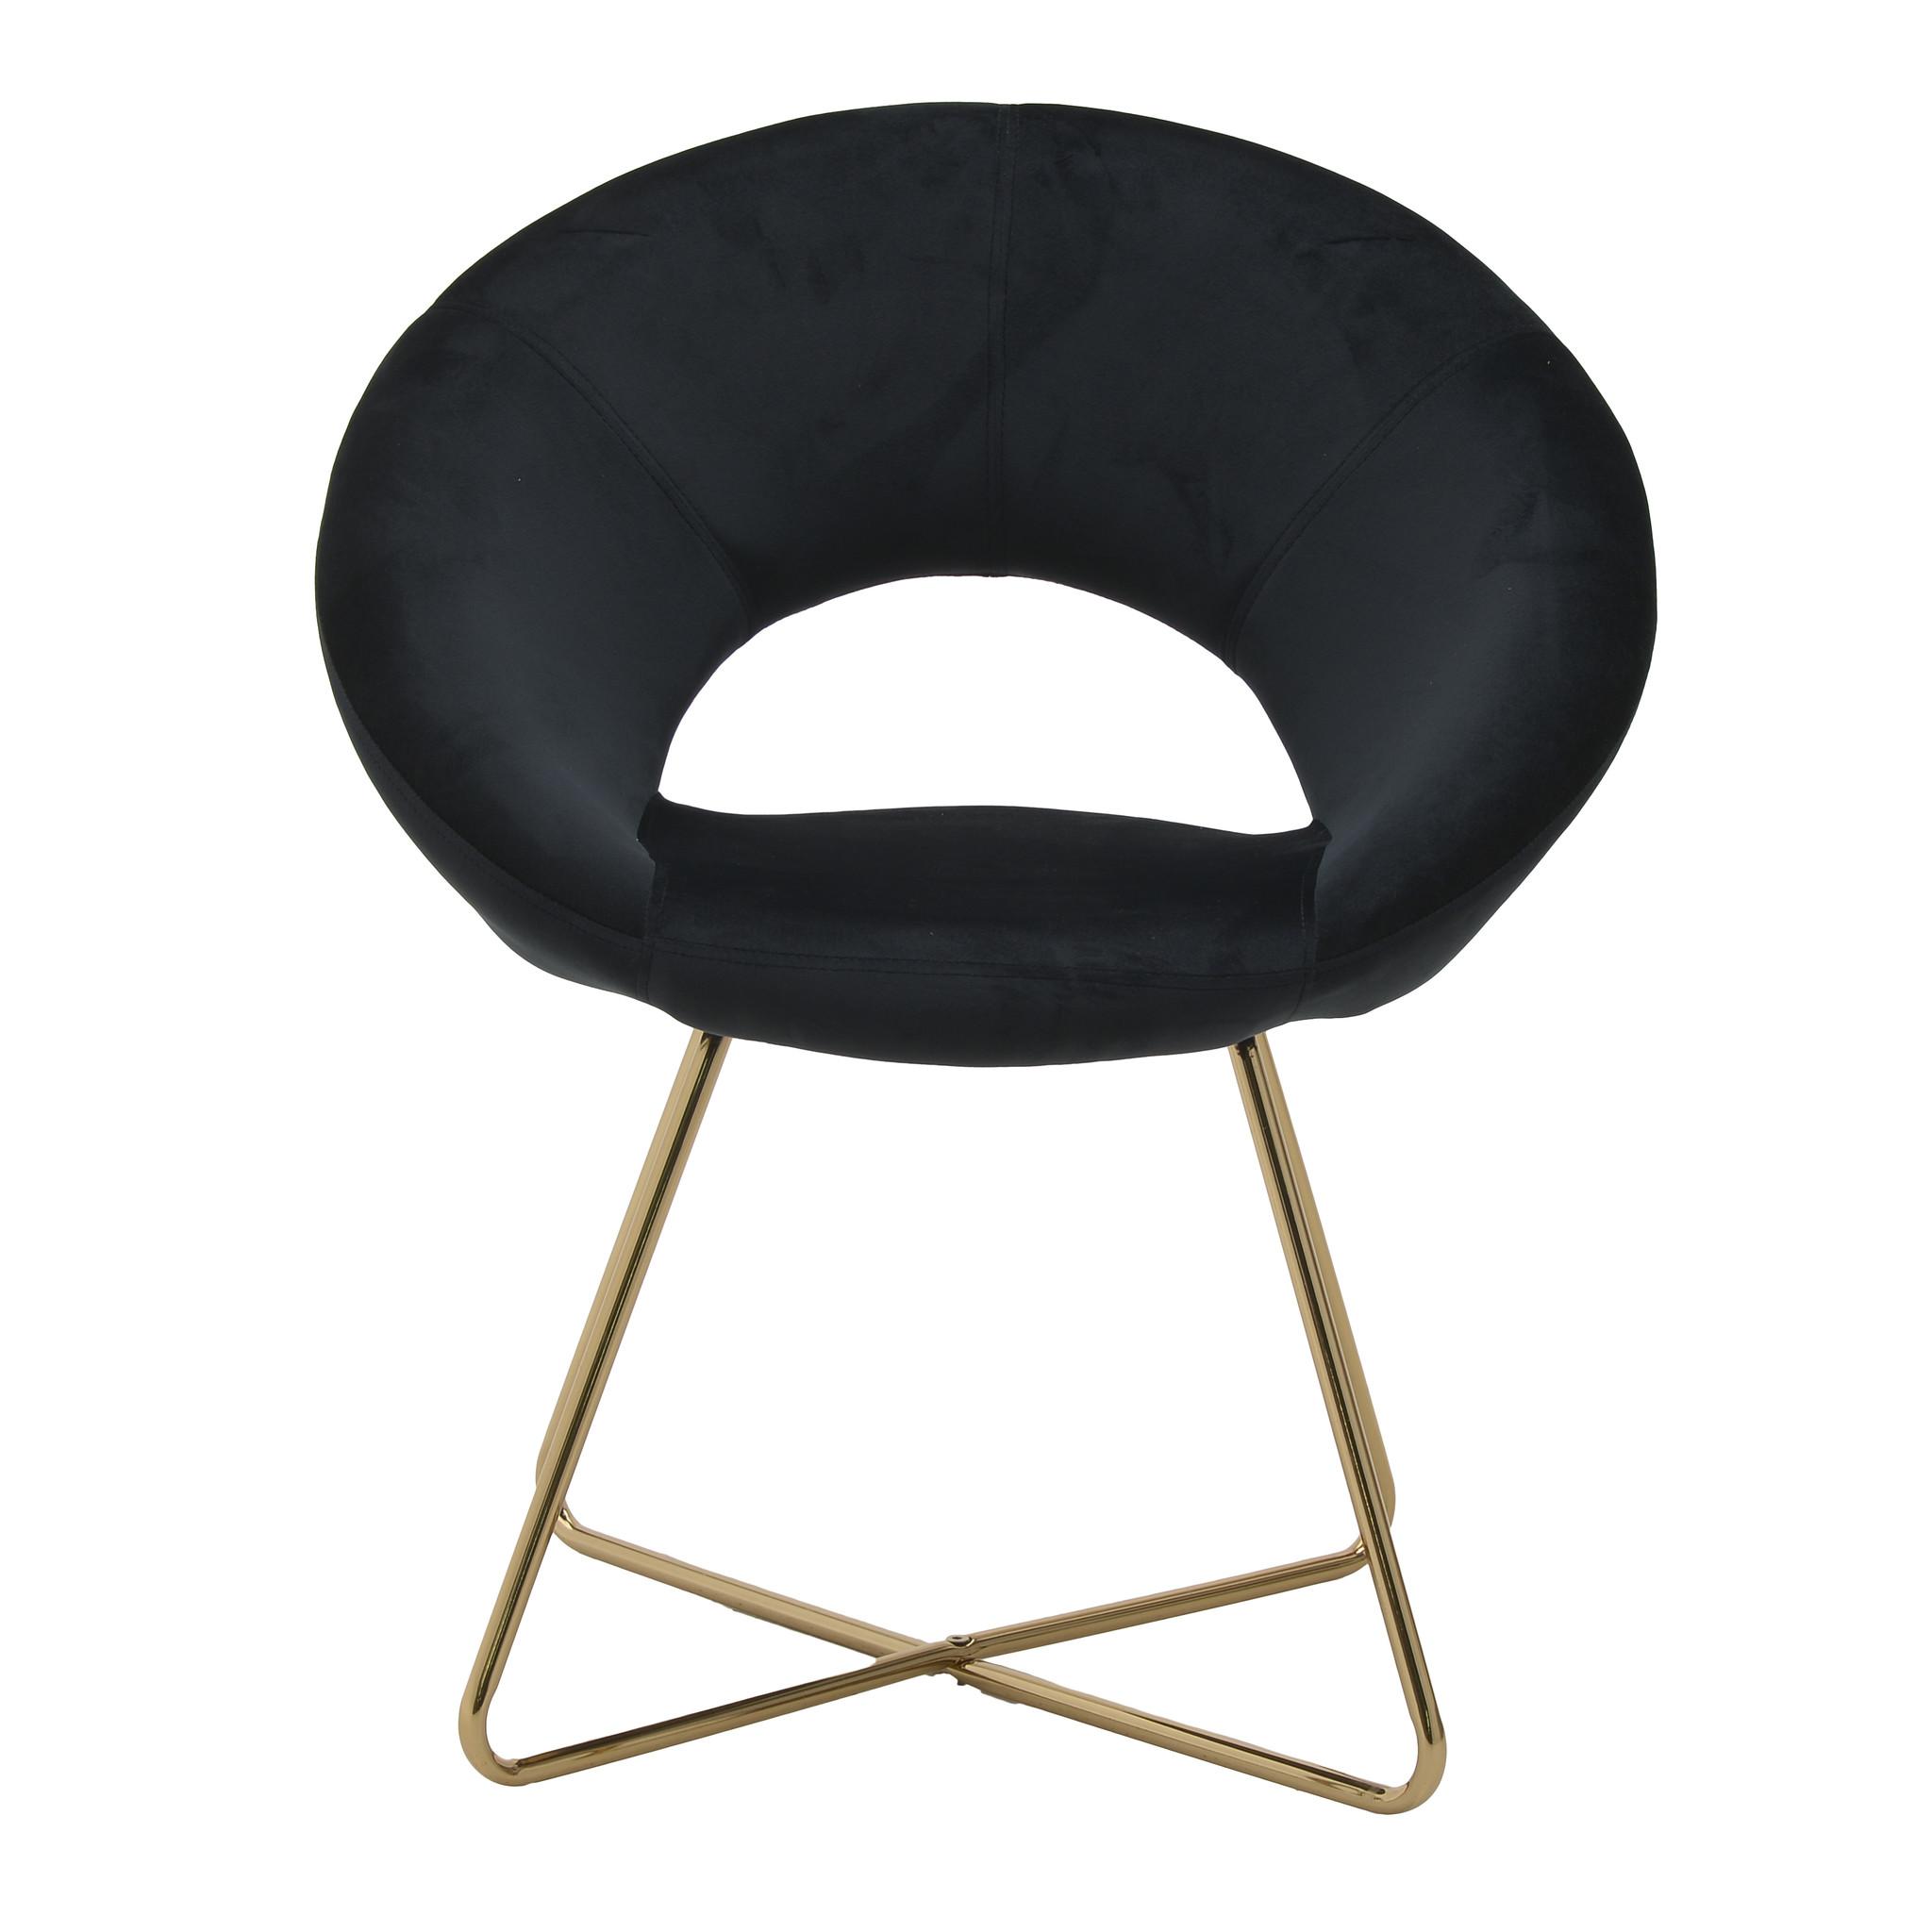 Купить Кресло интерьерное черного цвета, inmyroom, Греция